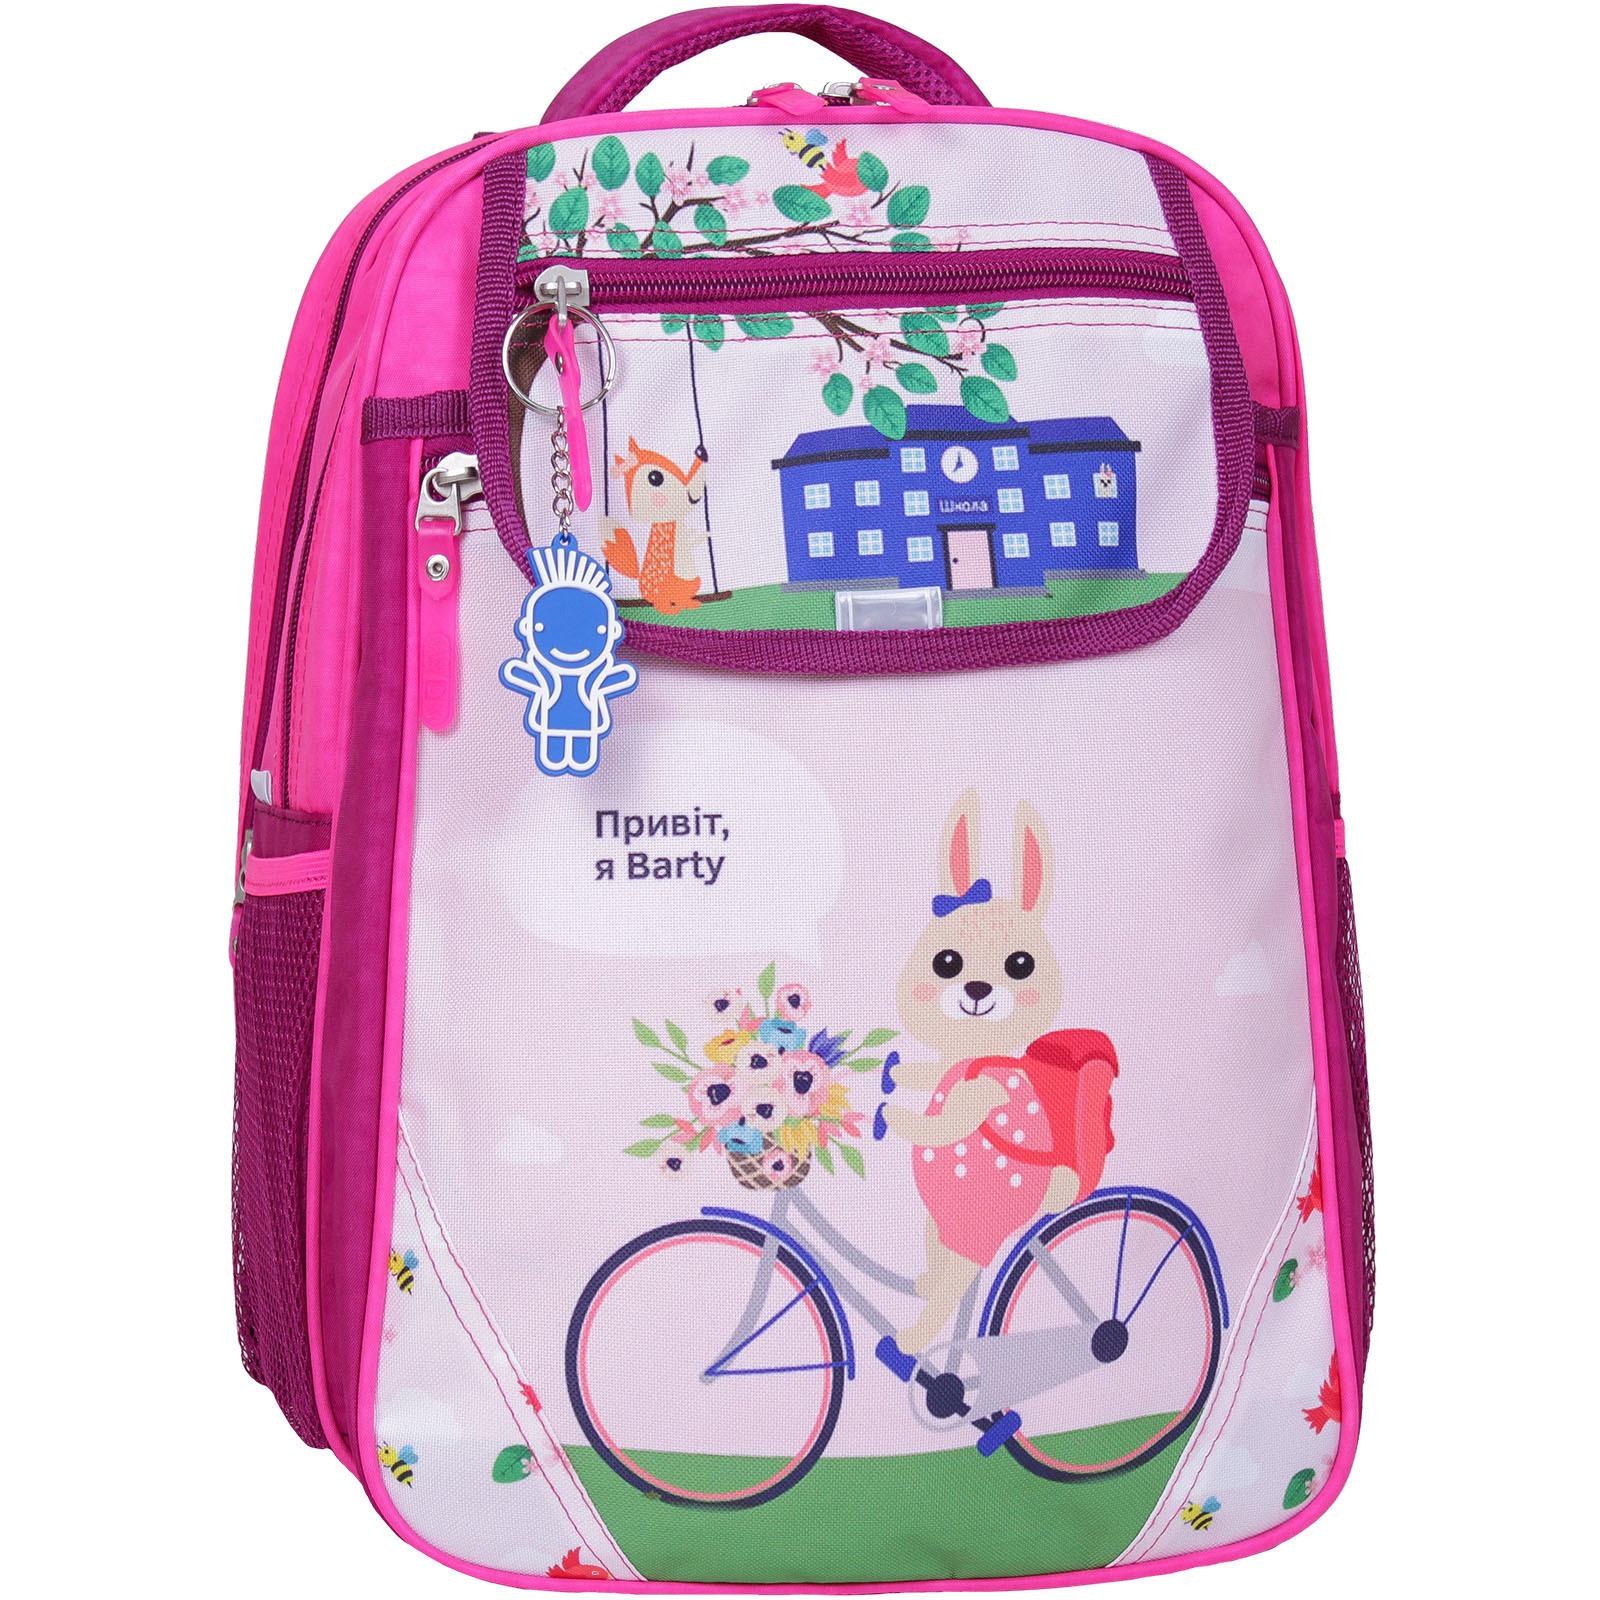 Школьные рюкзаки Рюкзак школьный Bagland Отличник 20 л. 143 малиновый 430 (0058070) 1600IMG_5193-430.jpg